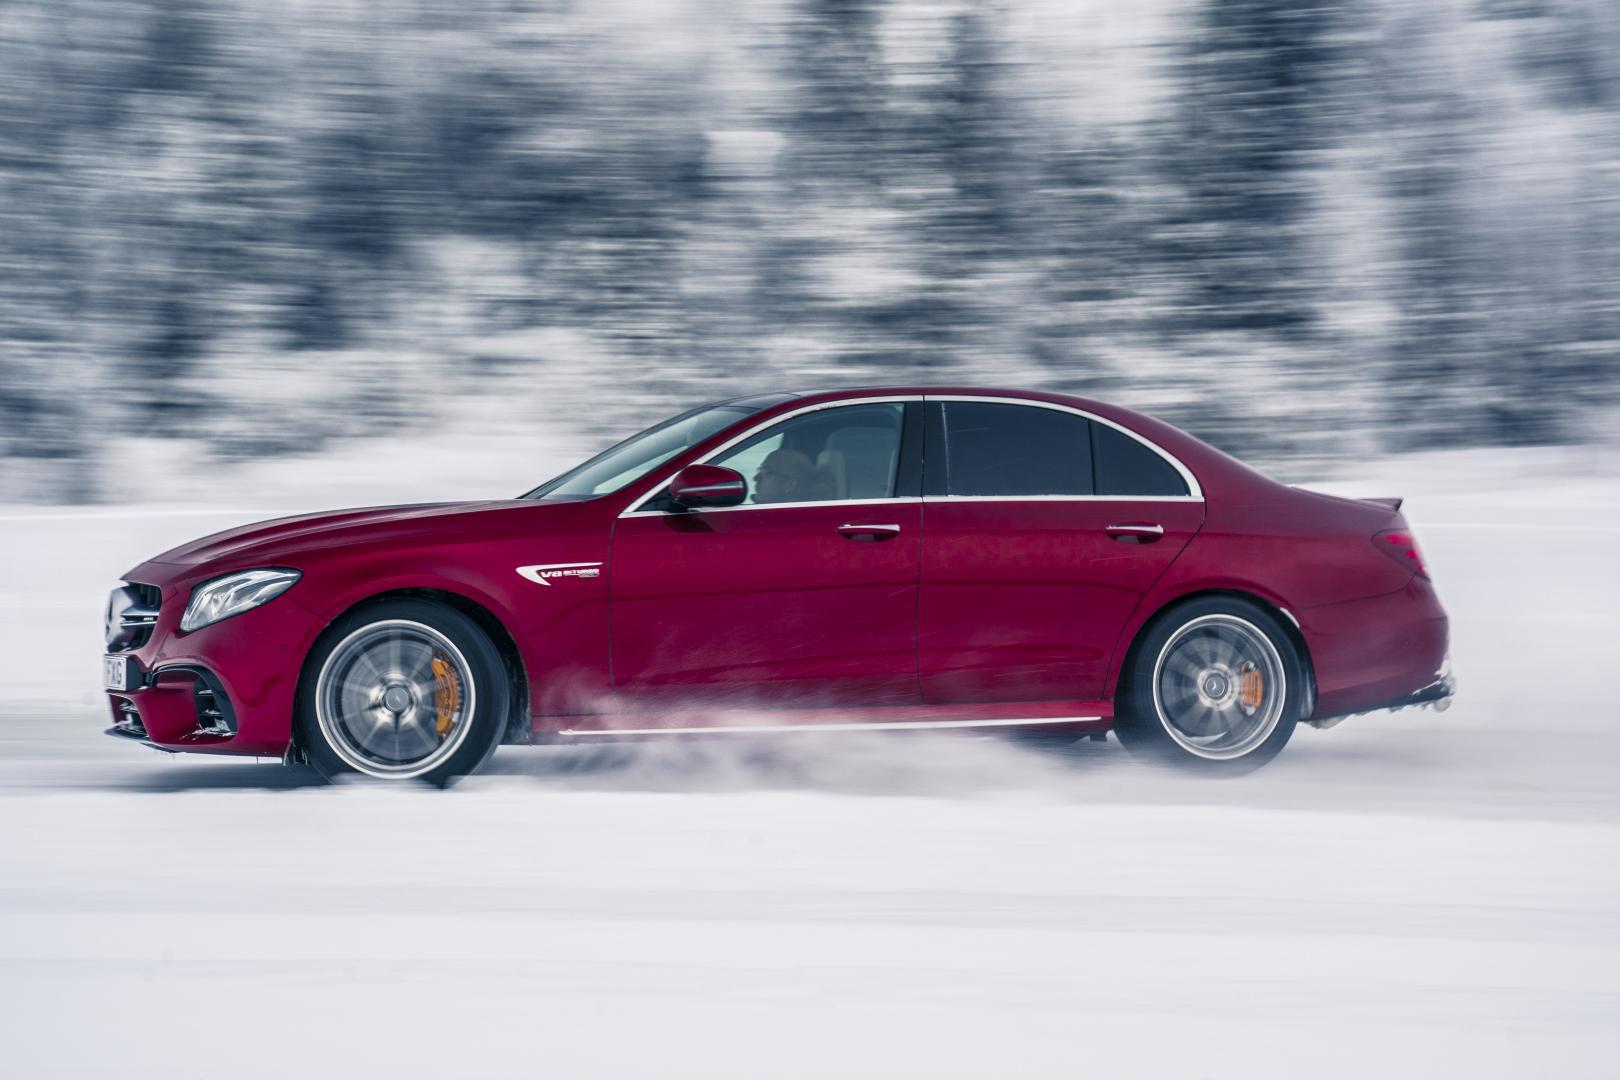 Mercedes-amg E 63 S sneeuwdriften